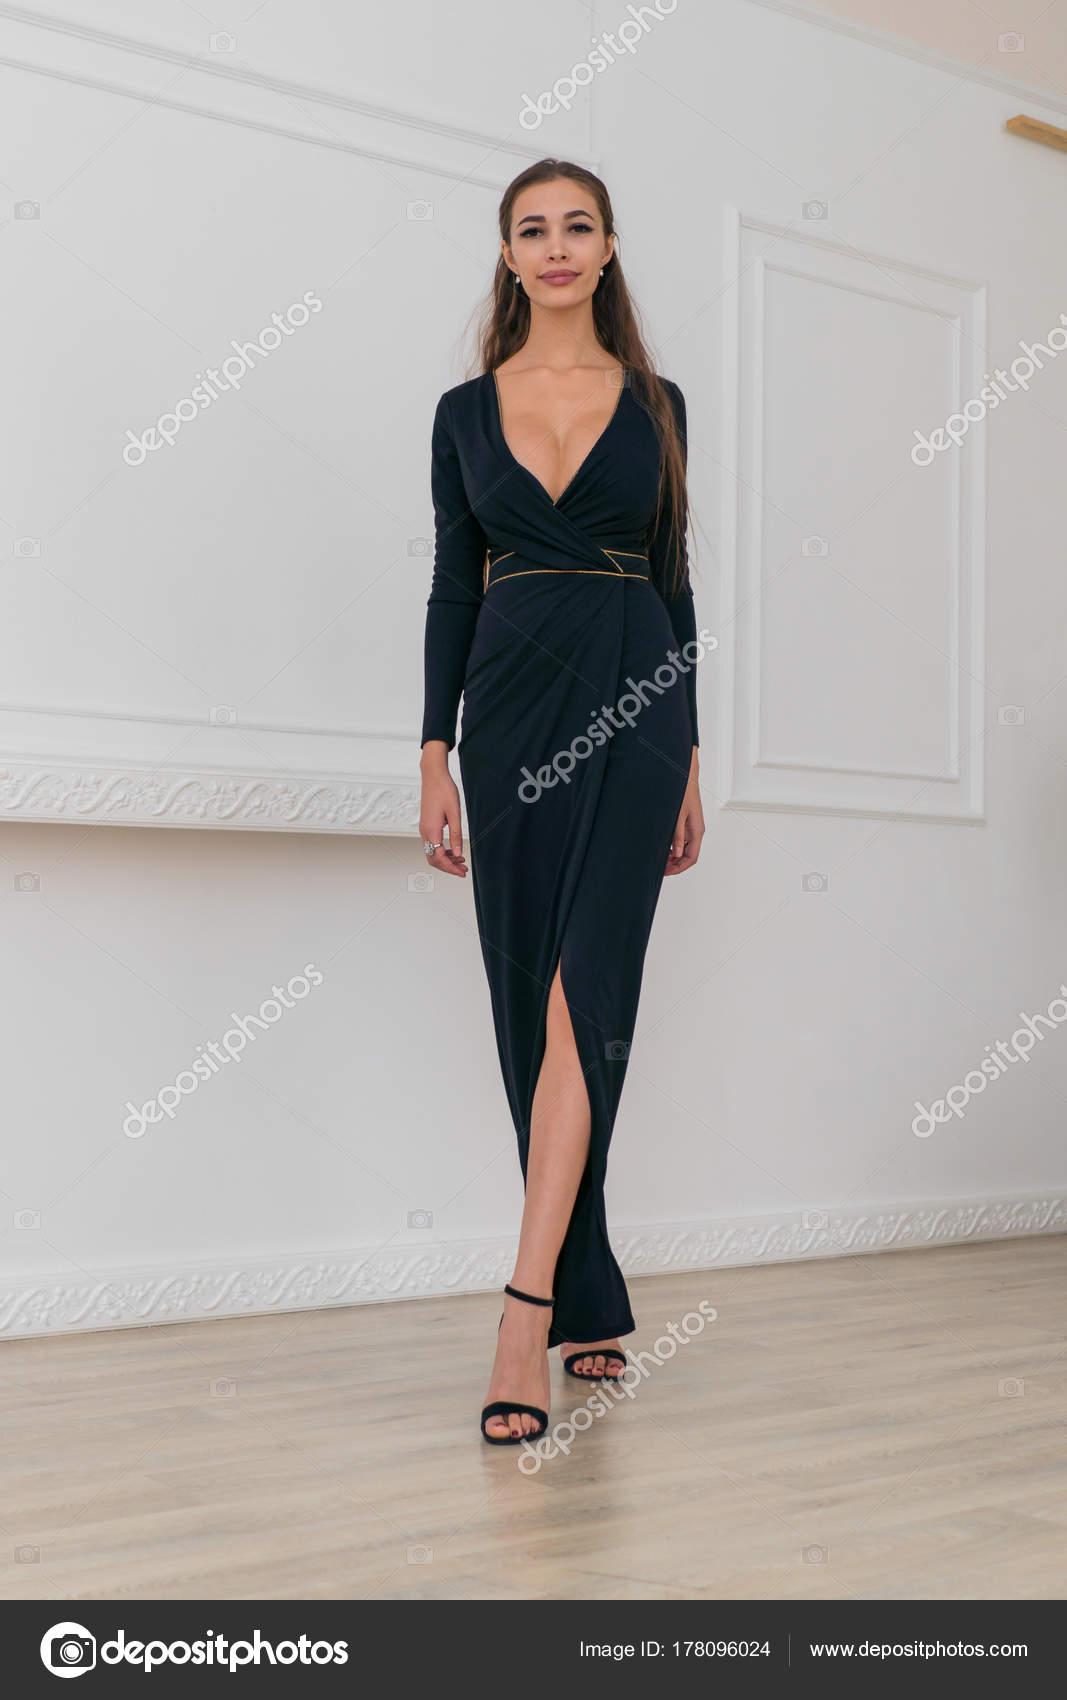 quality design 5cb0f 27eb0 Ritratto di una bella ragazza con vestito nero da sera ...